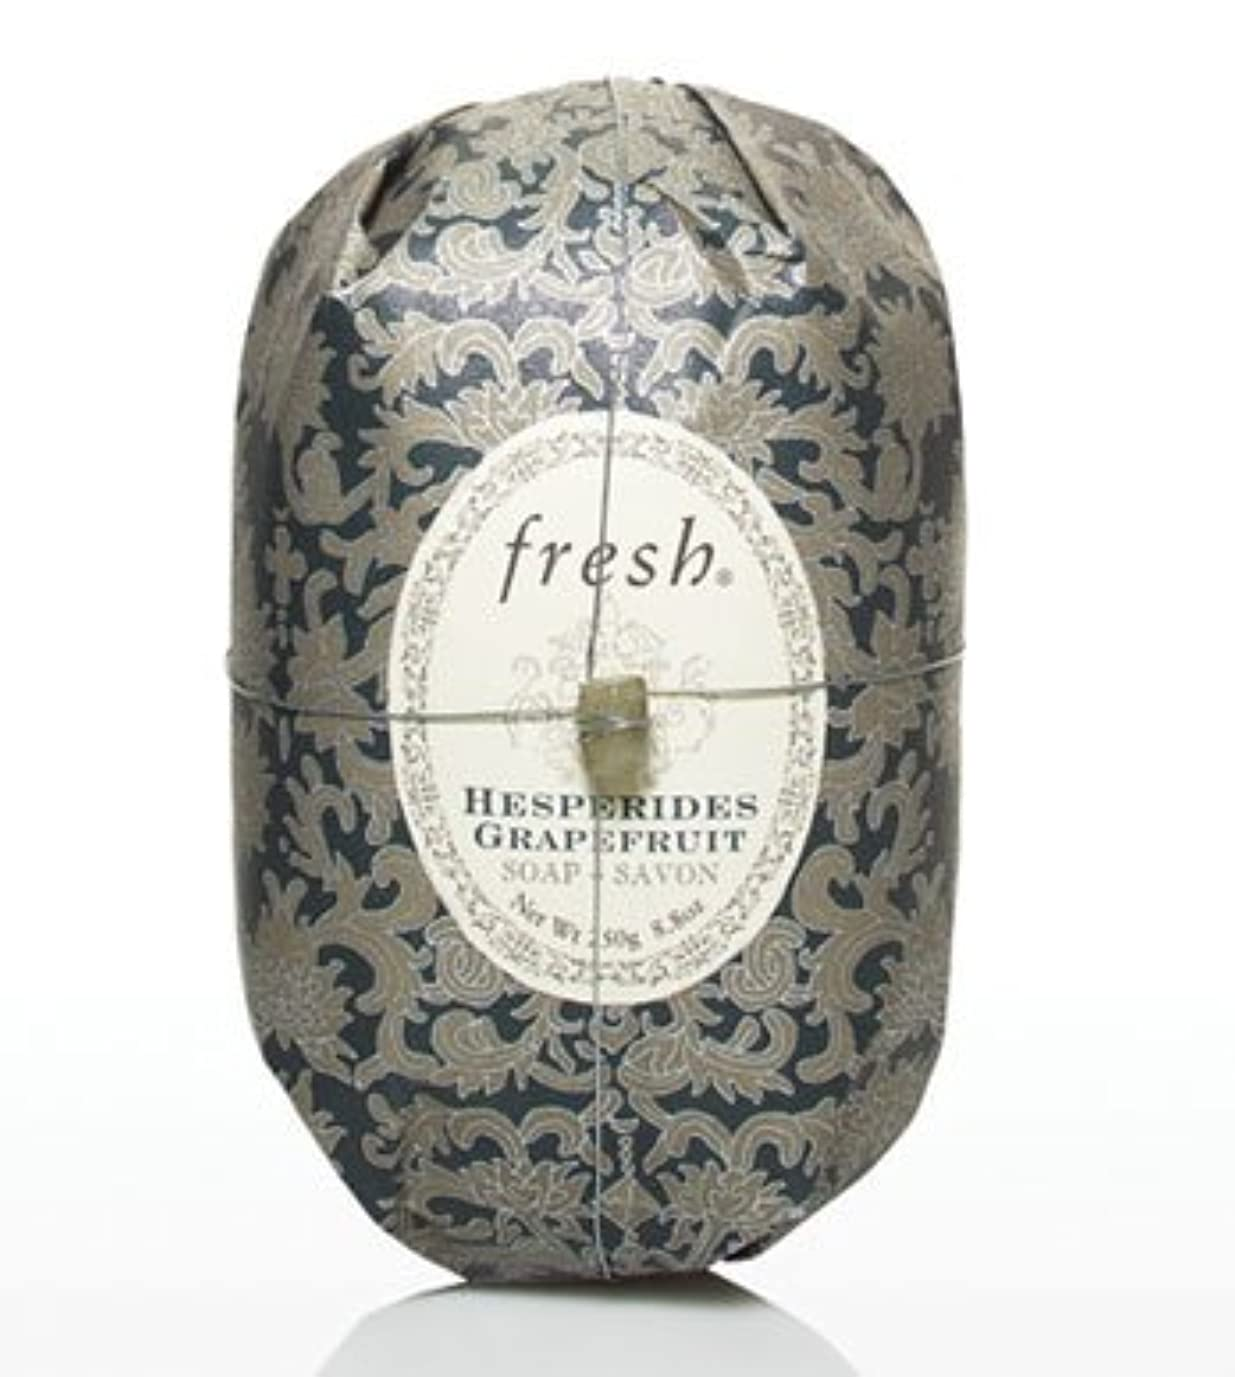 下位コンパニオンシーサイドFresh HESPERIDES GRAPEFRUIT SOAP (フレッシュ ヘスペリデス グレープフルーツ ソープ) 8.8 oz (250g) Soap (石鹸) by Fresh